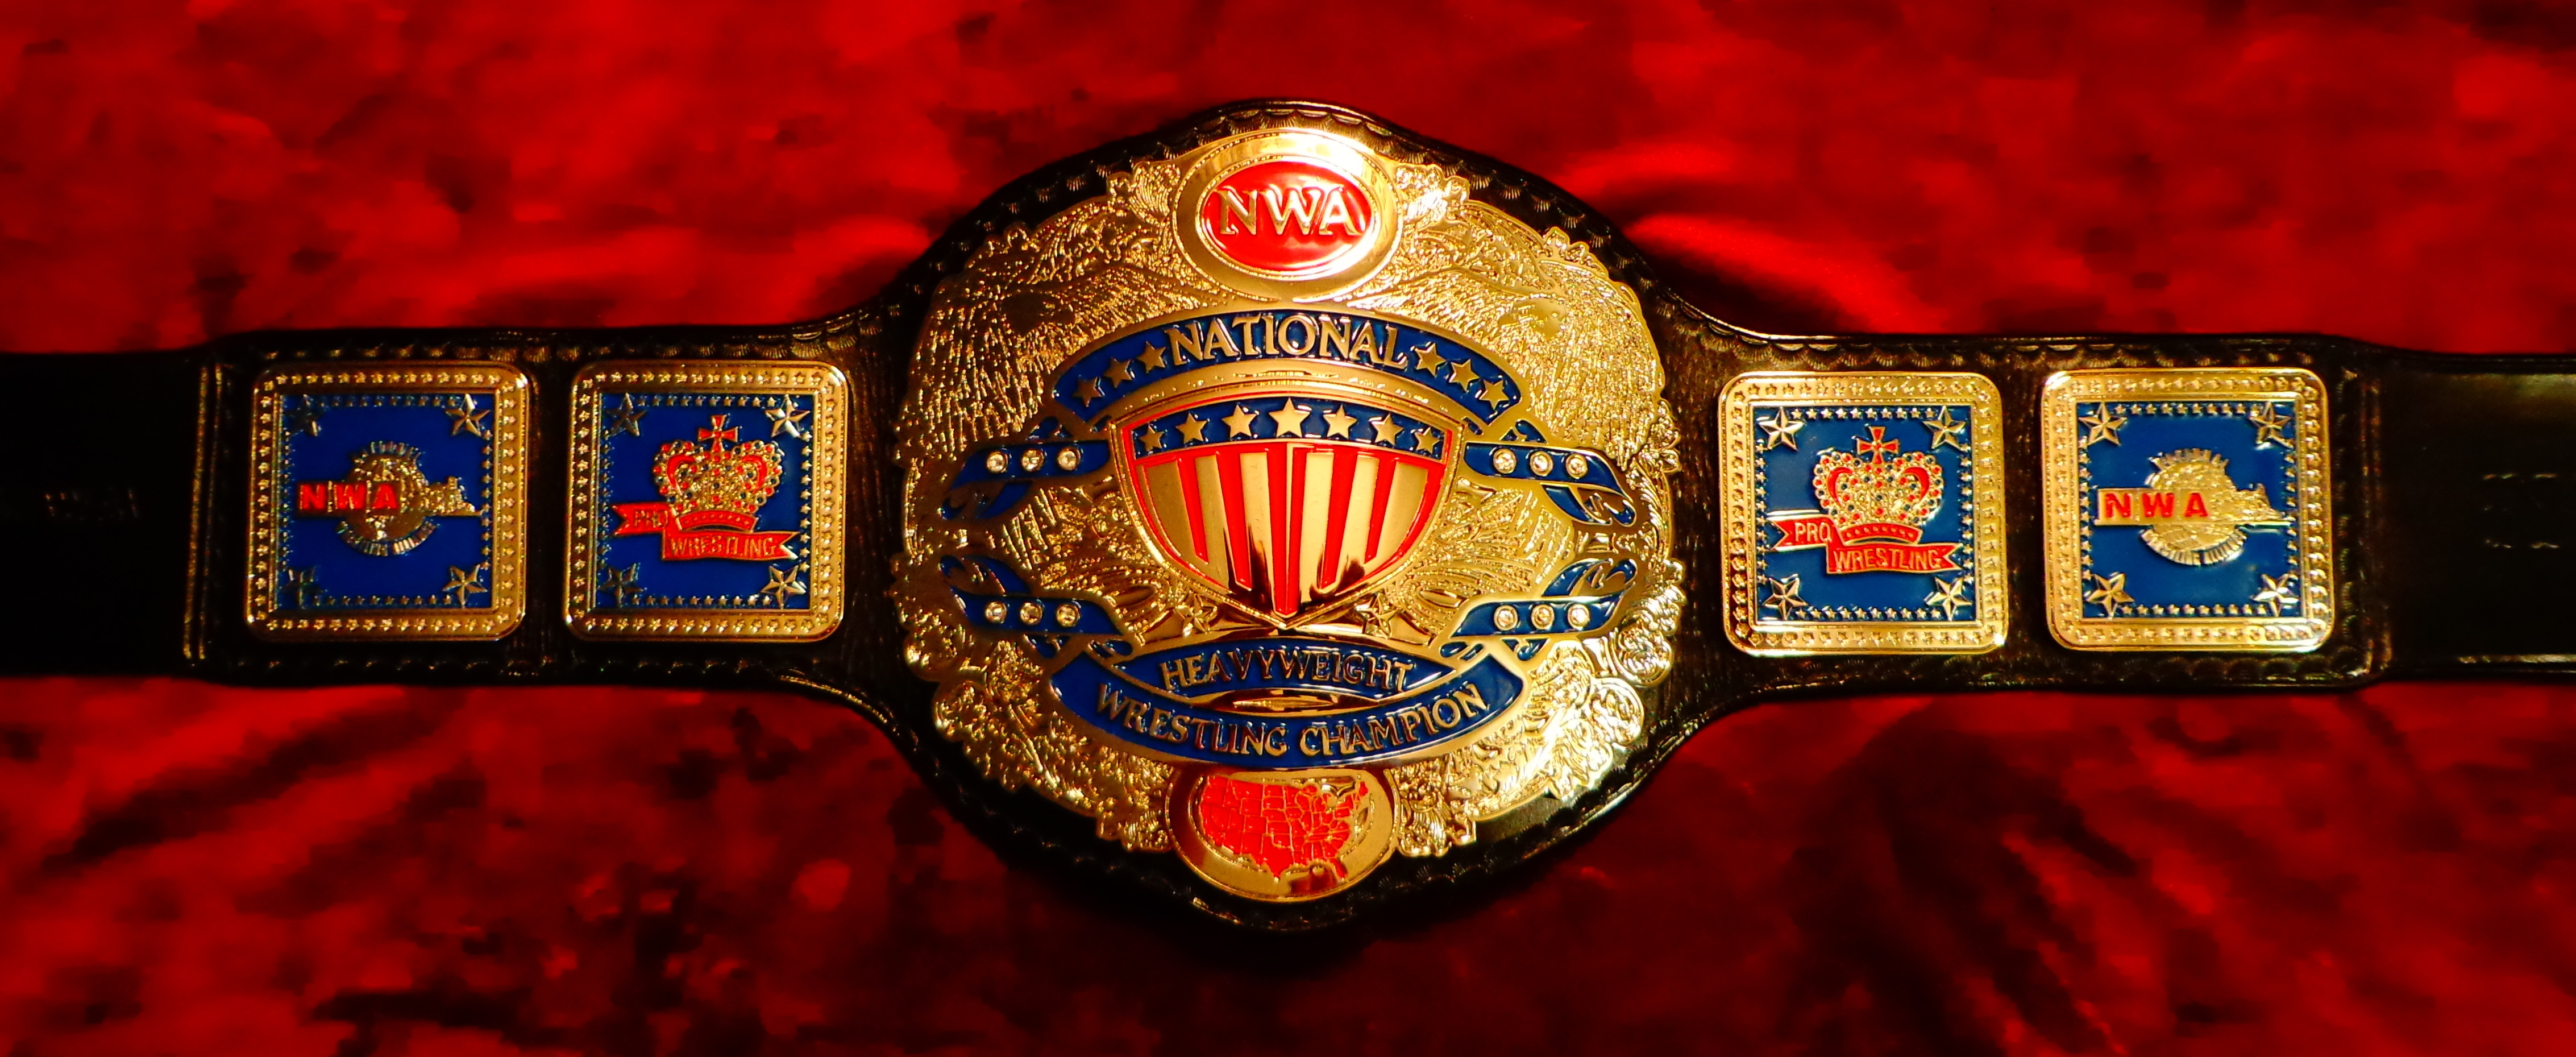 NWA NATIONAL HEAVYWEIGHT TITLE